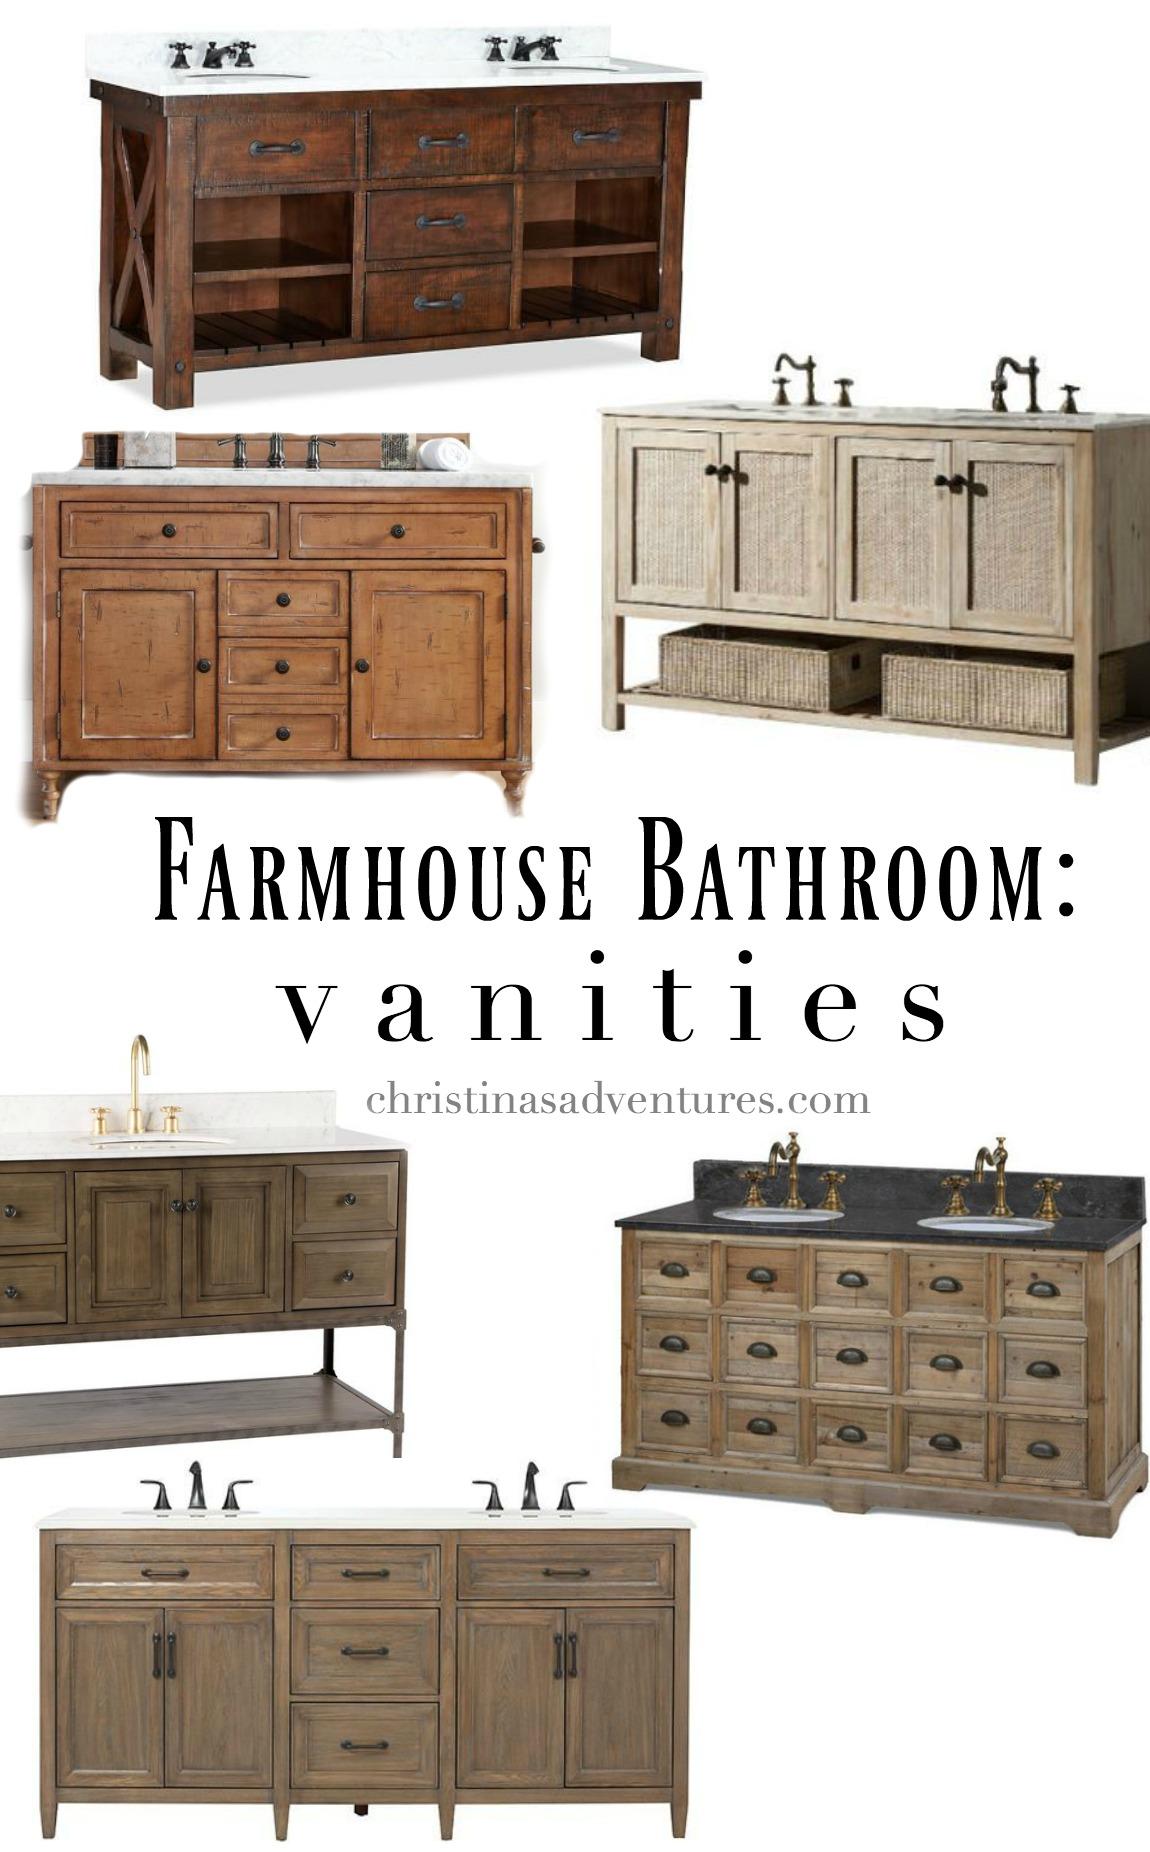 farmhouse bathroom design - christinas adventures